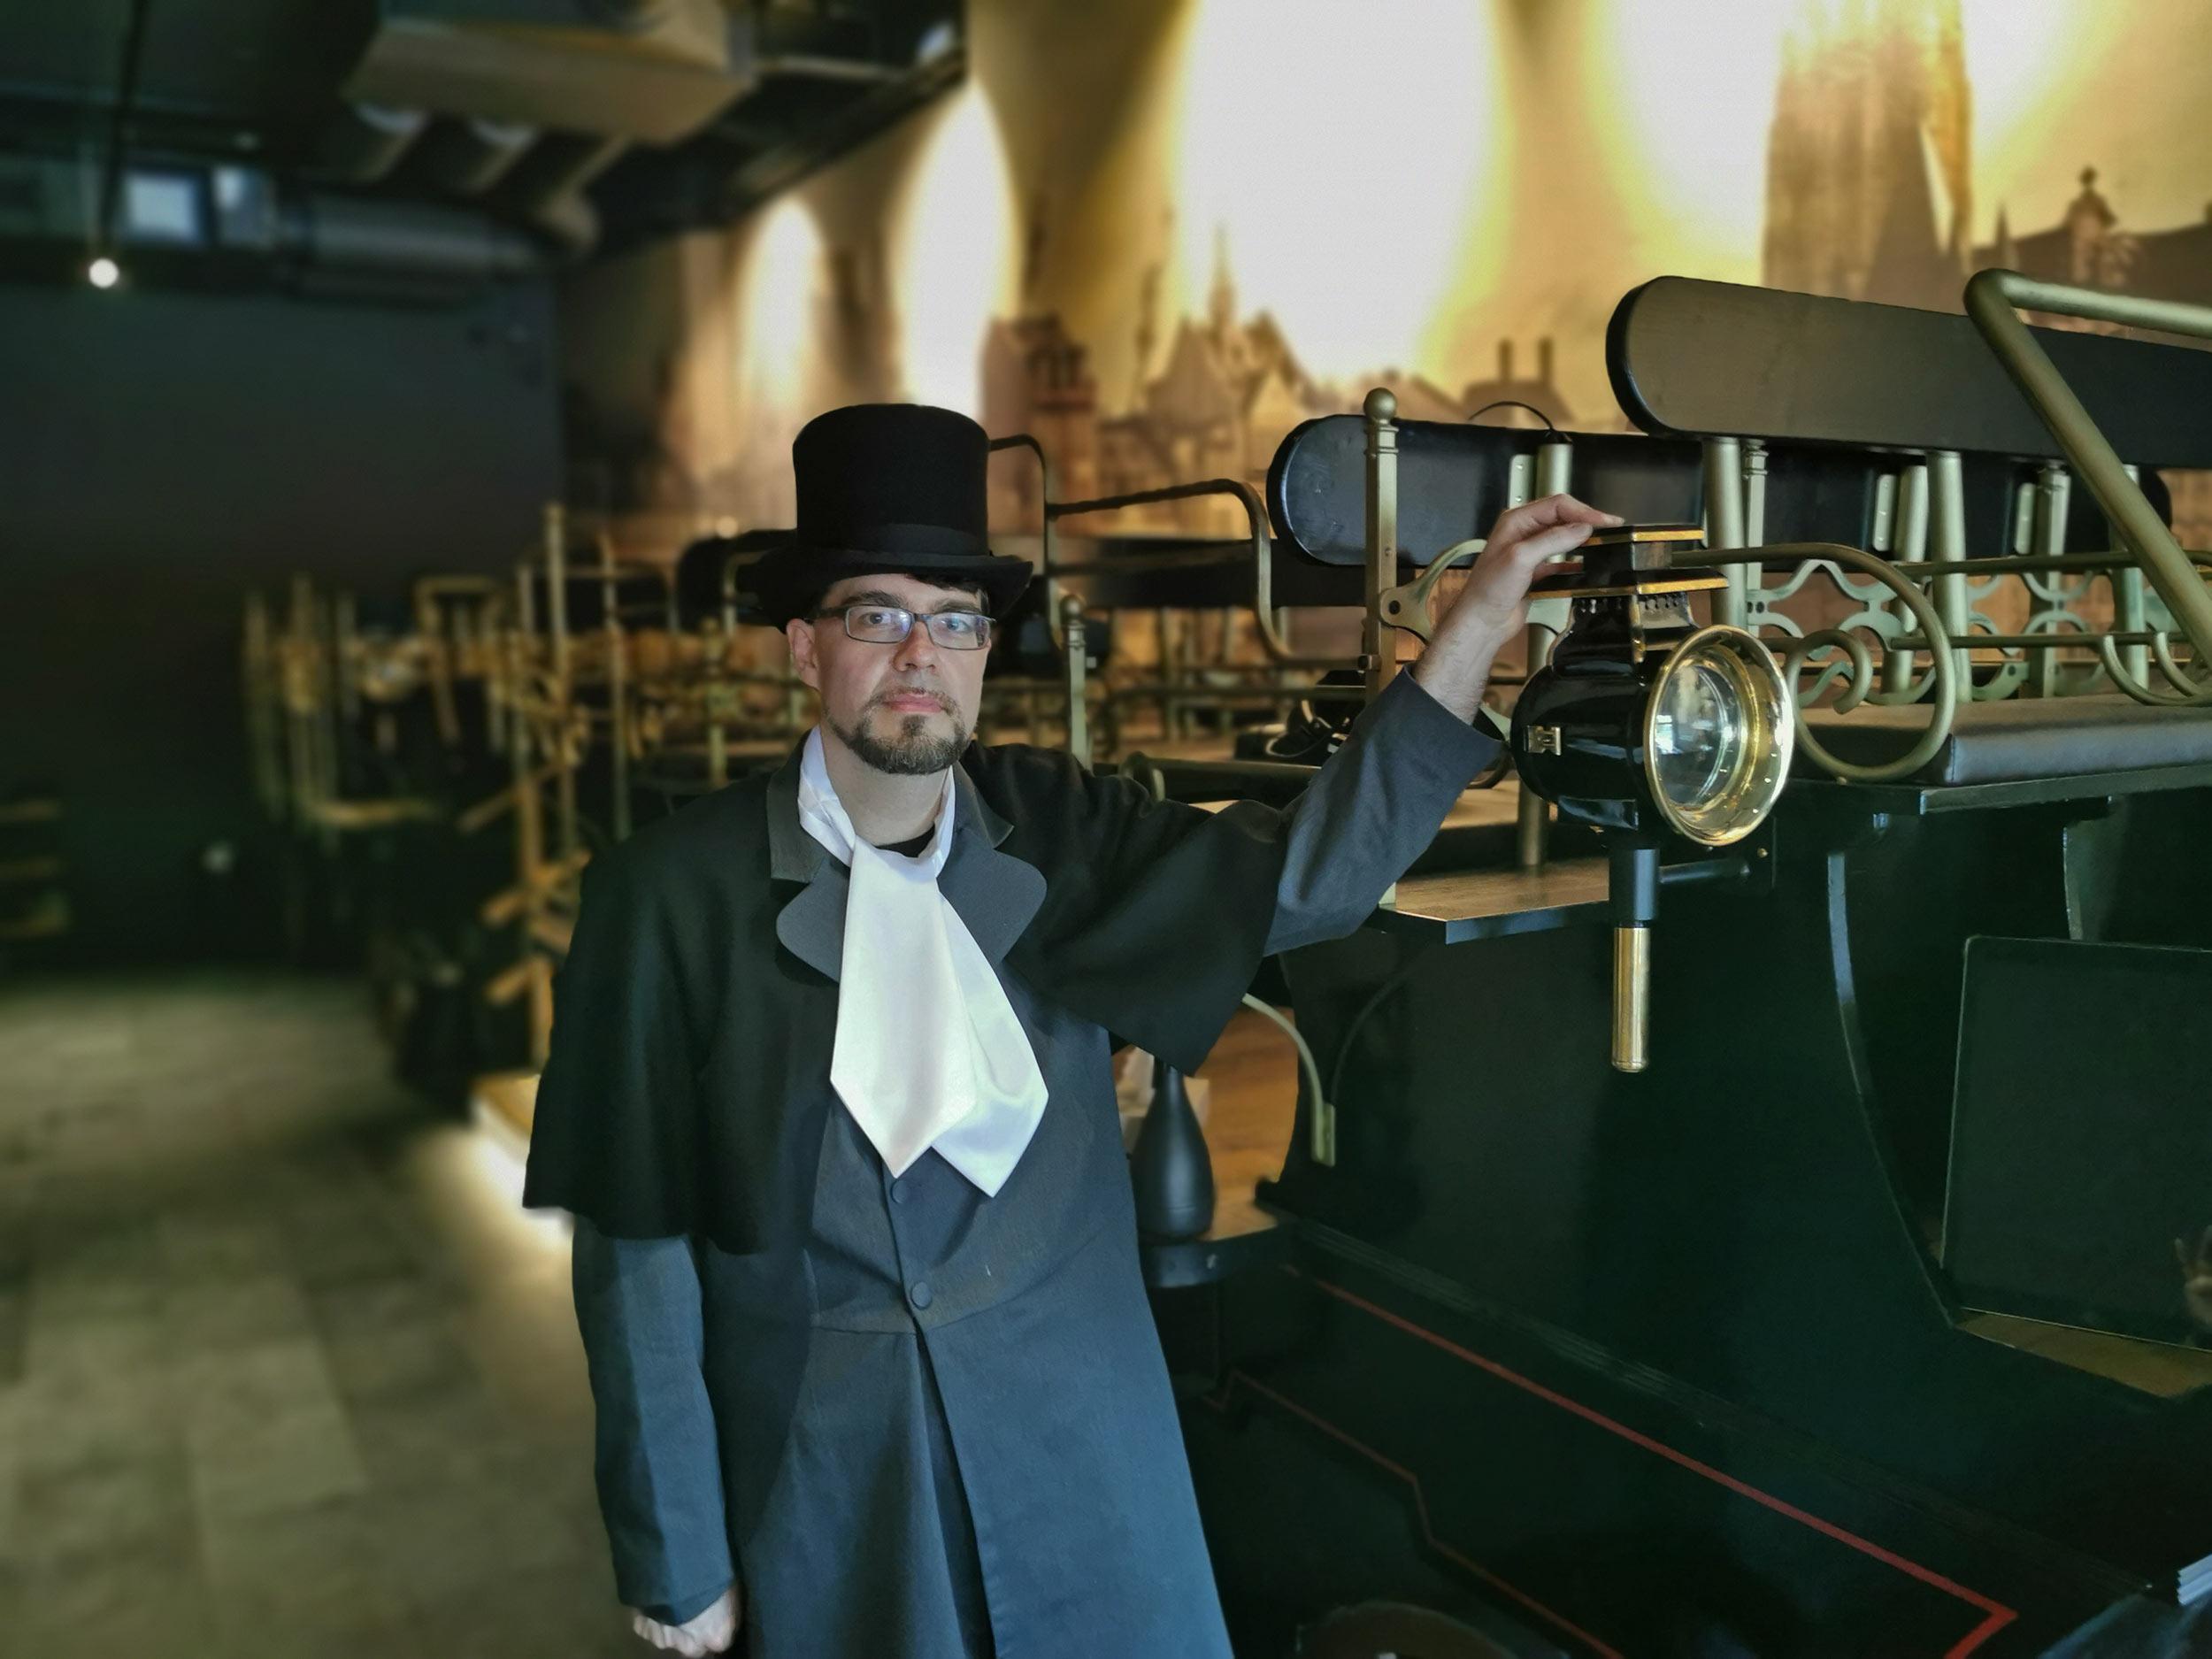 Historisierte Kutsche - Hier setzen sich Besucher rein und erfahren die Stadtgeschichte von Frankfurt mit einer 360 Grad Oculus Rift VR Brille